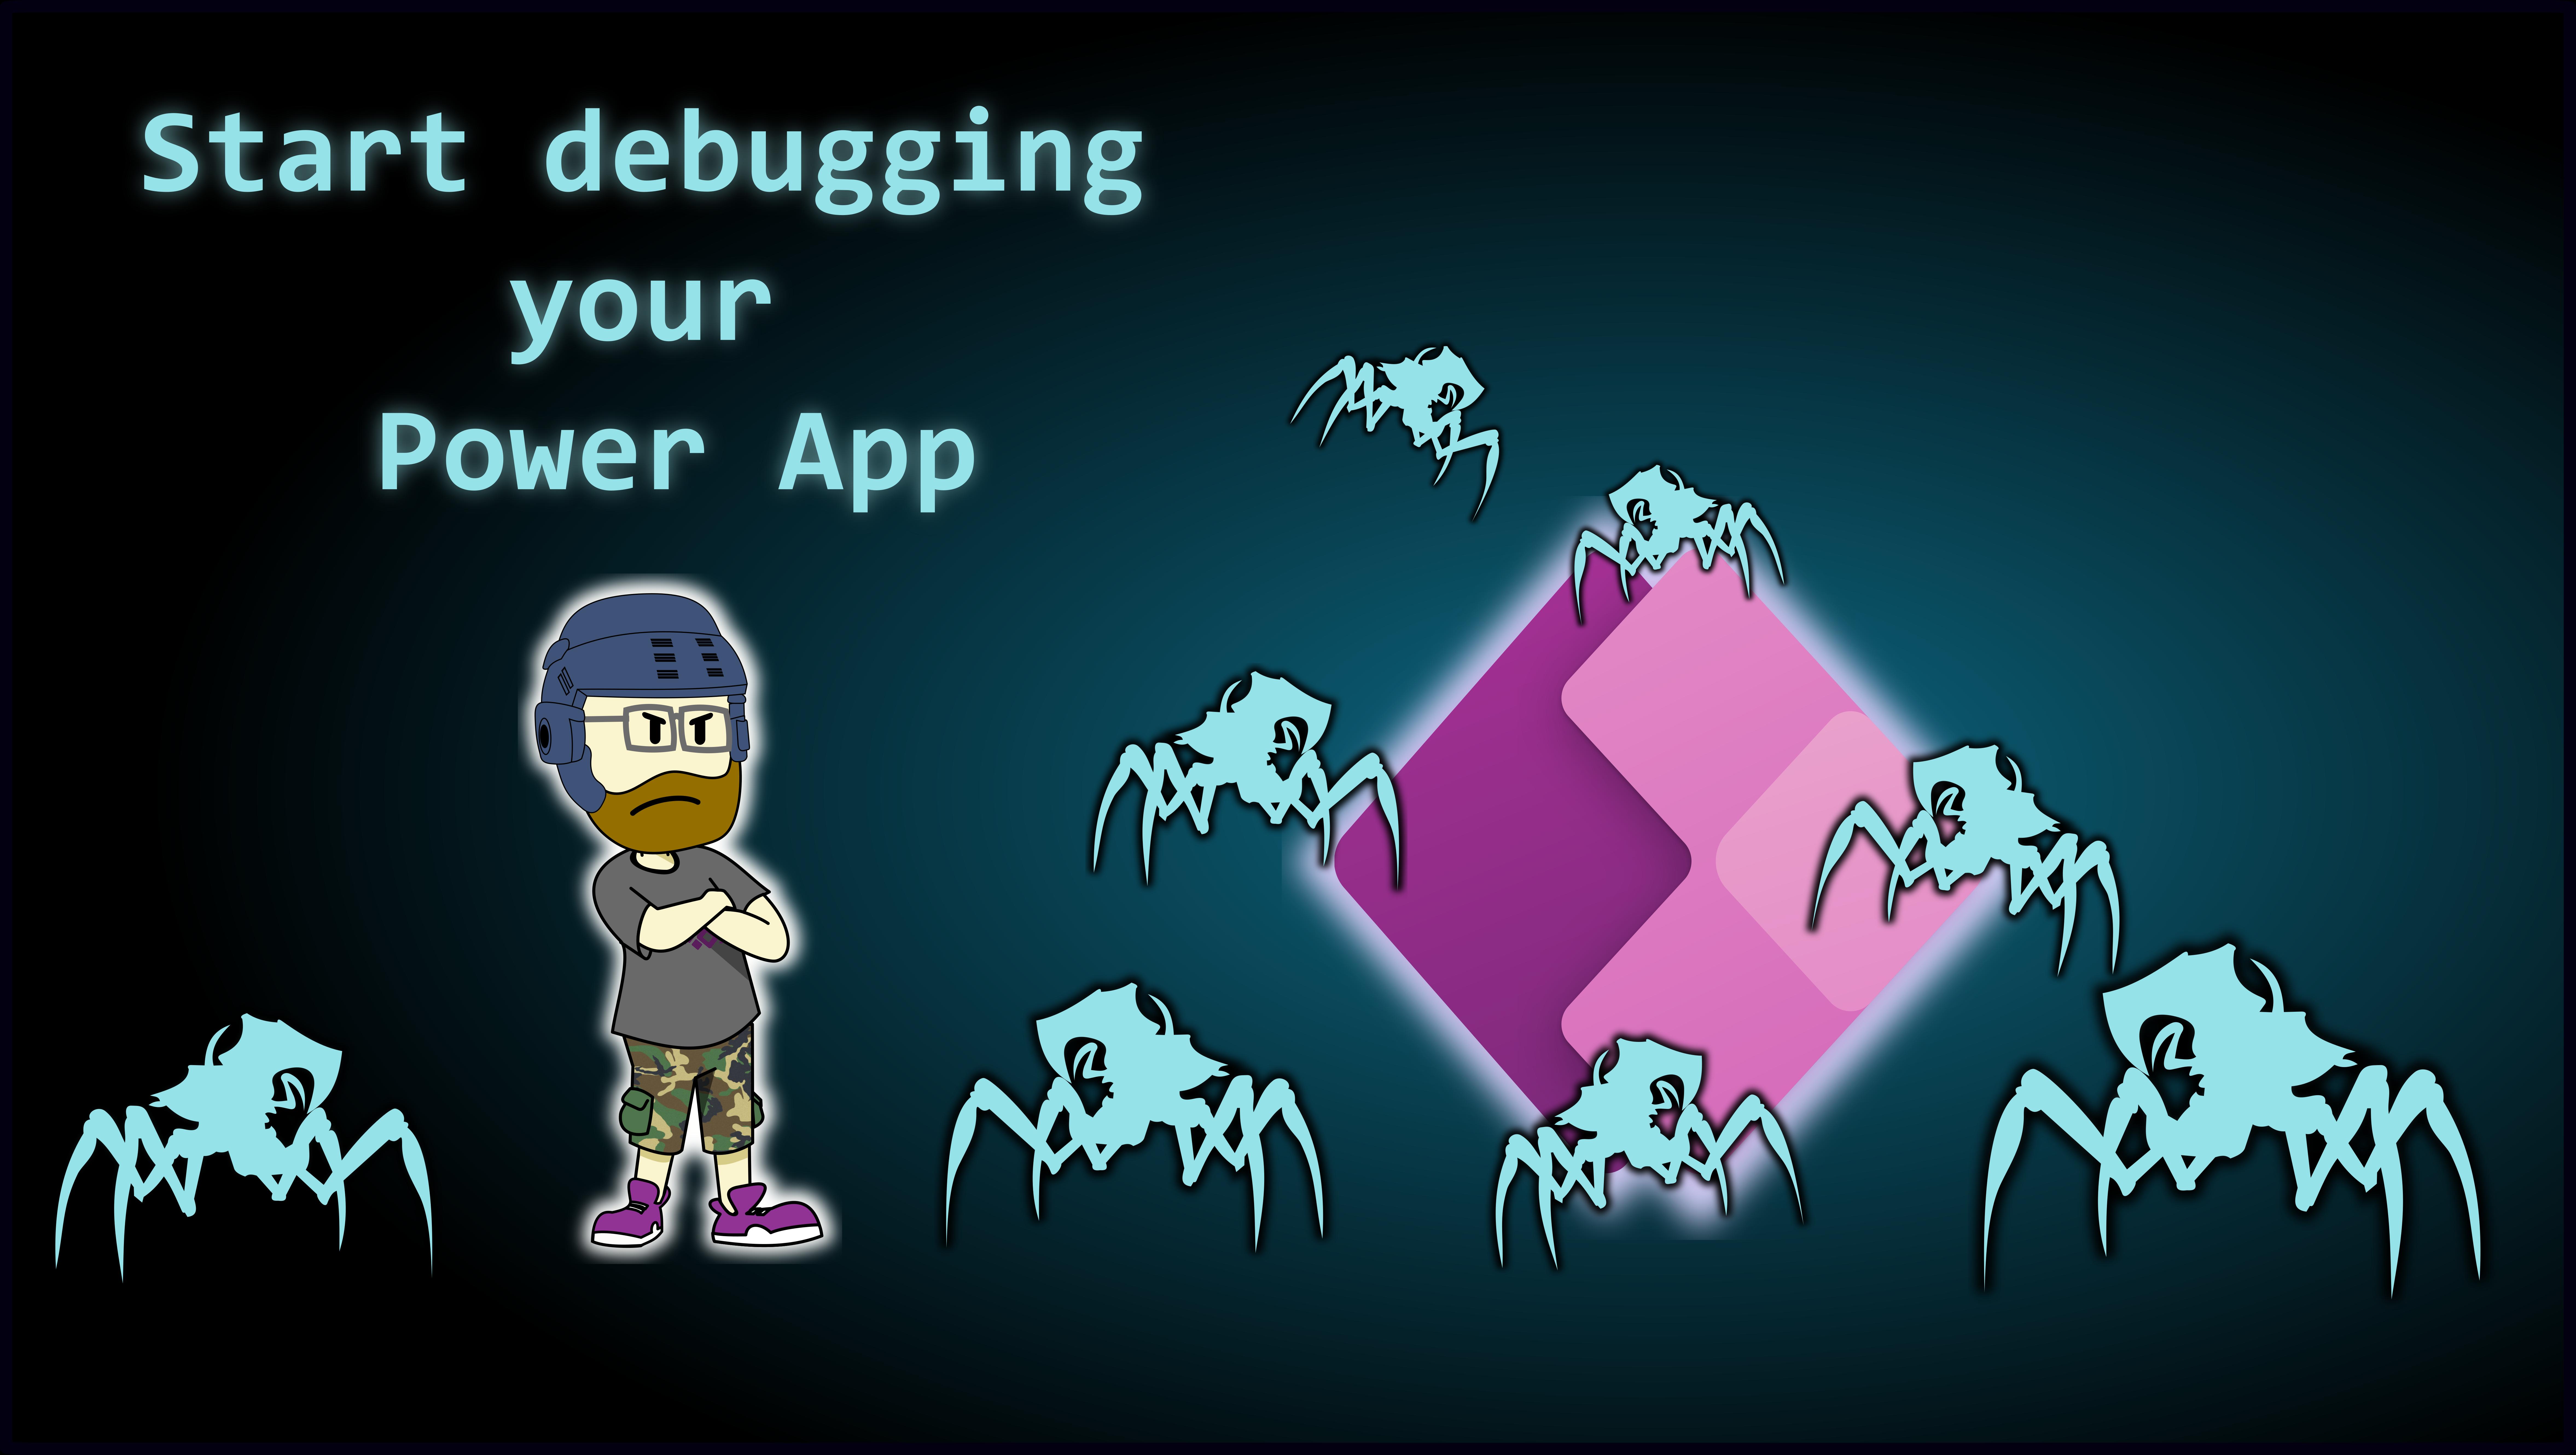 Start debugging your PowerApp